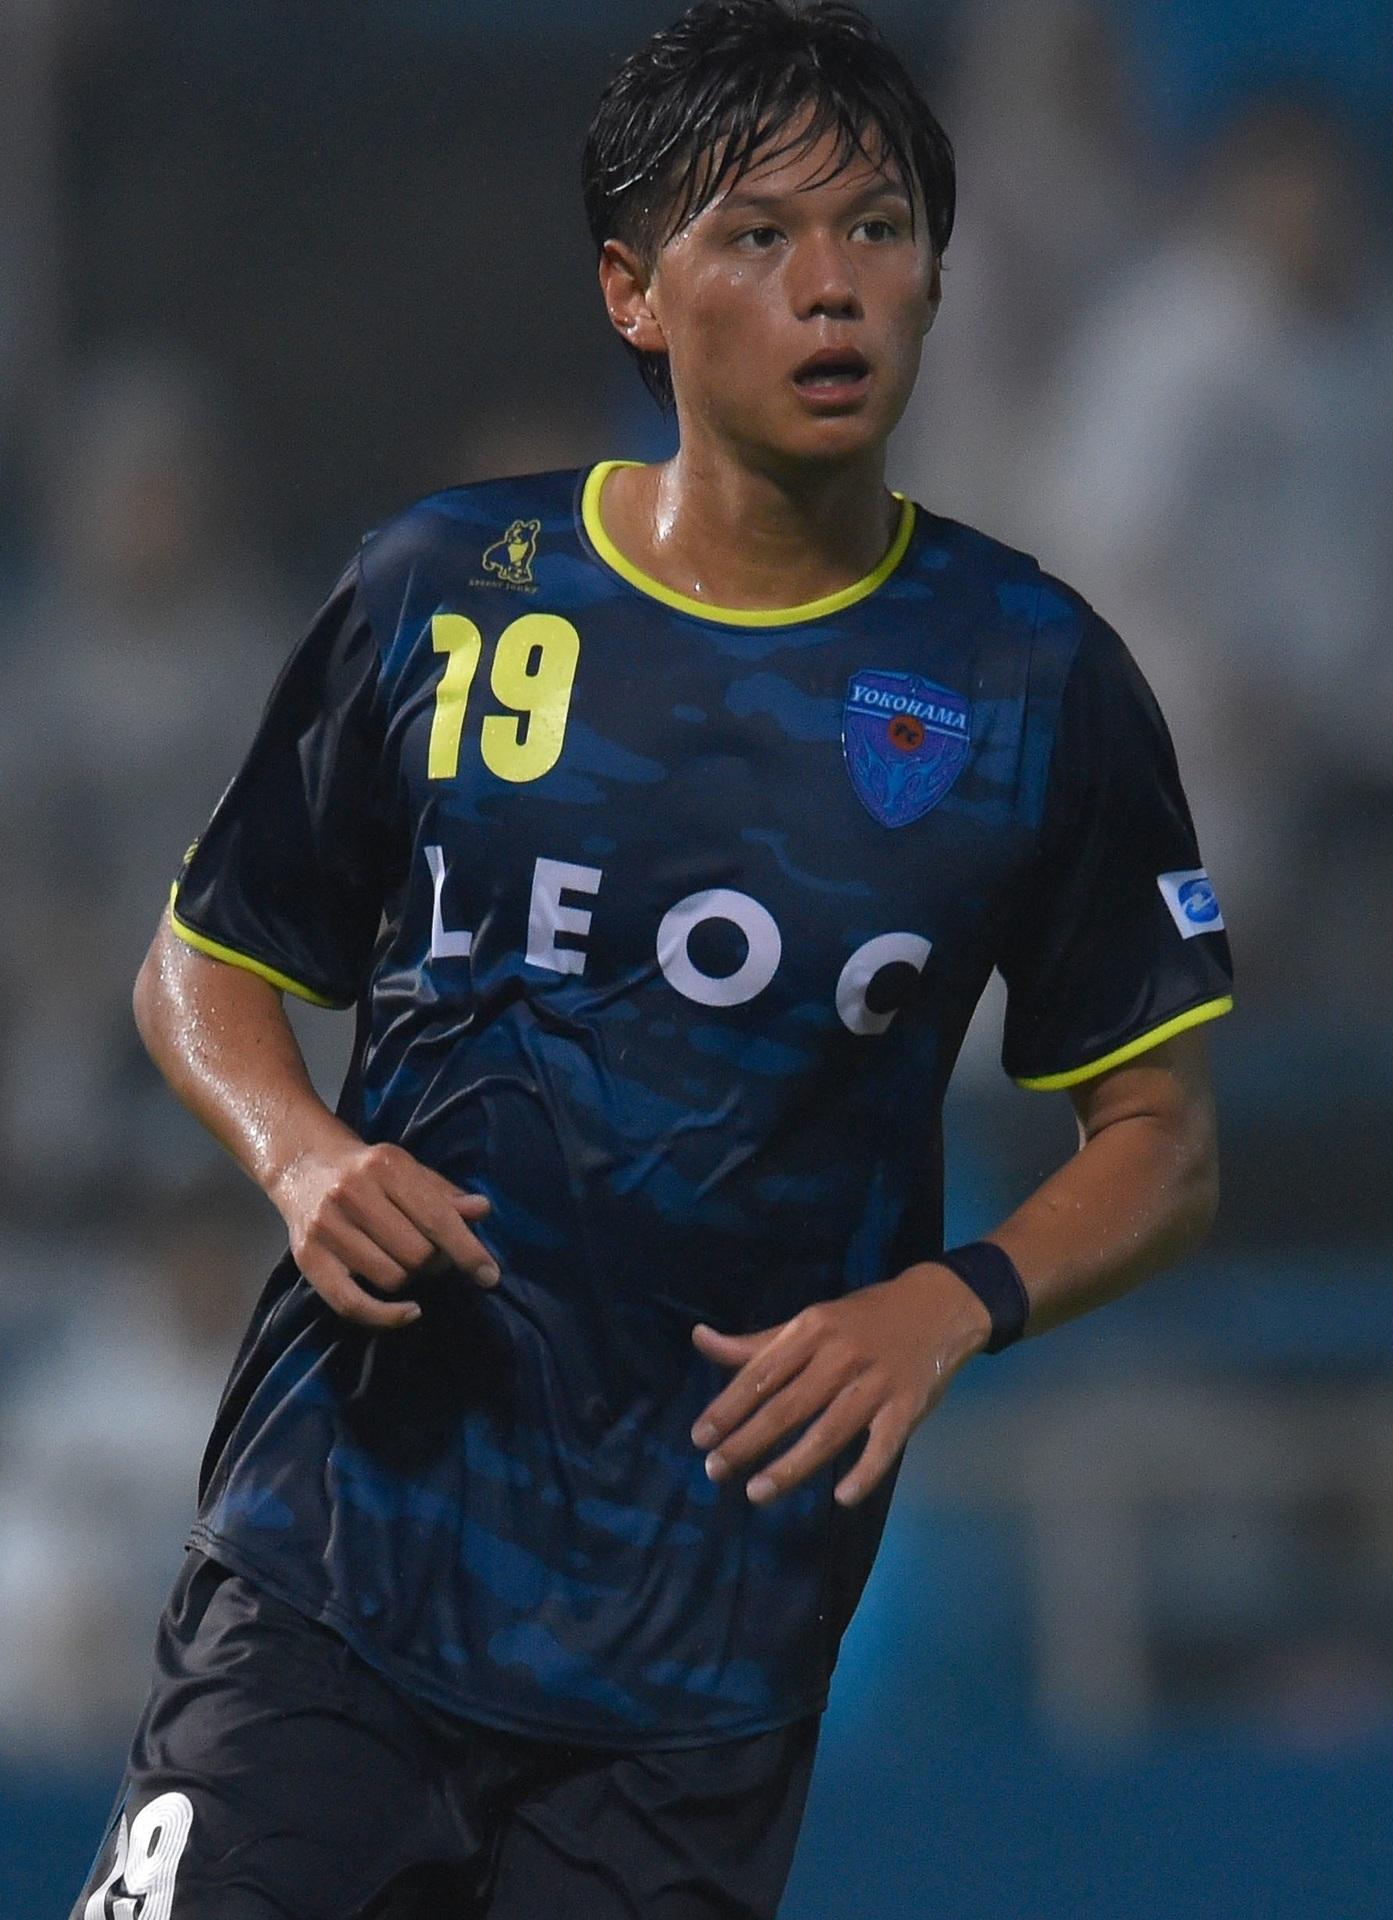 横浜FC-2015-Soccer-Junky-迷彩.jpg